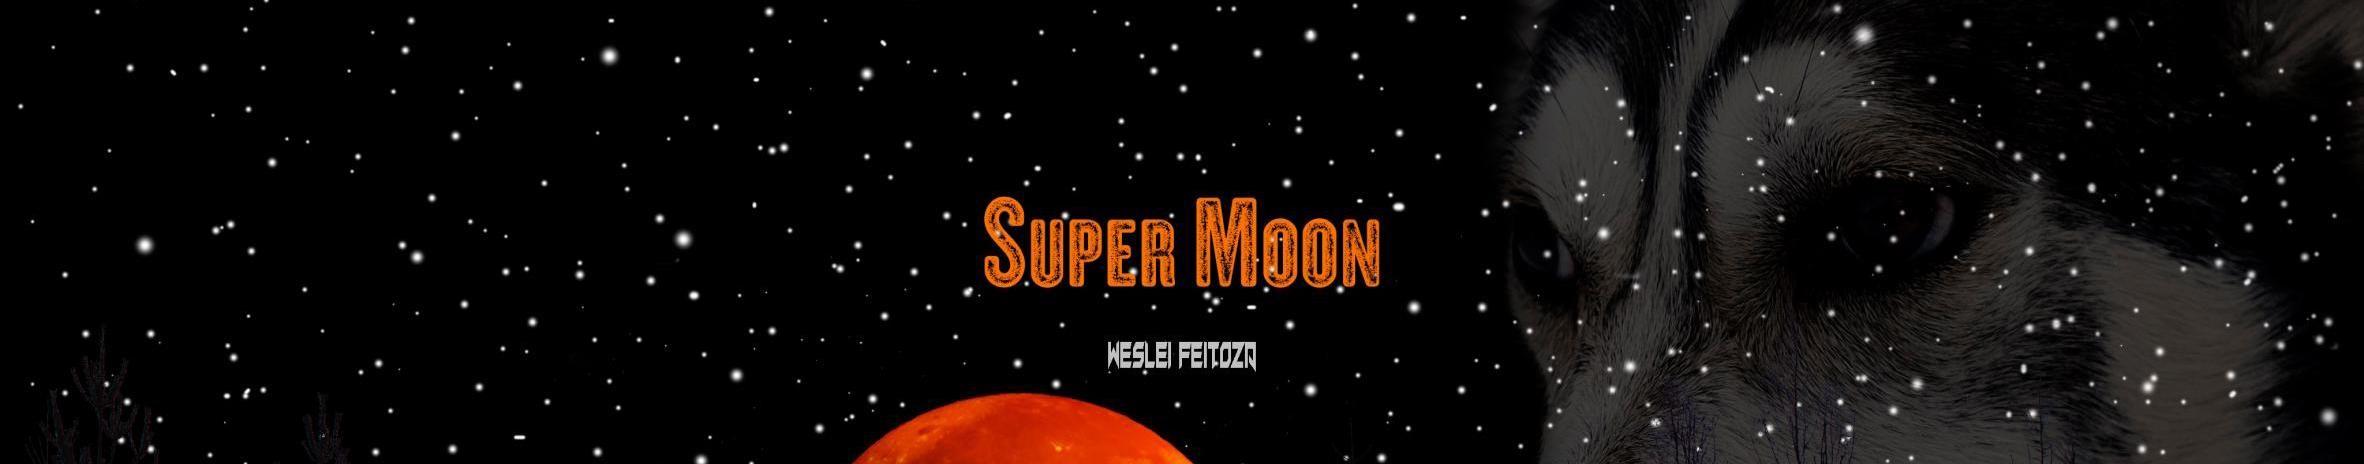 Imagem de capa de Weslei Feitoza